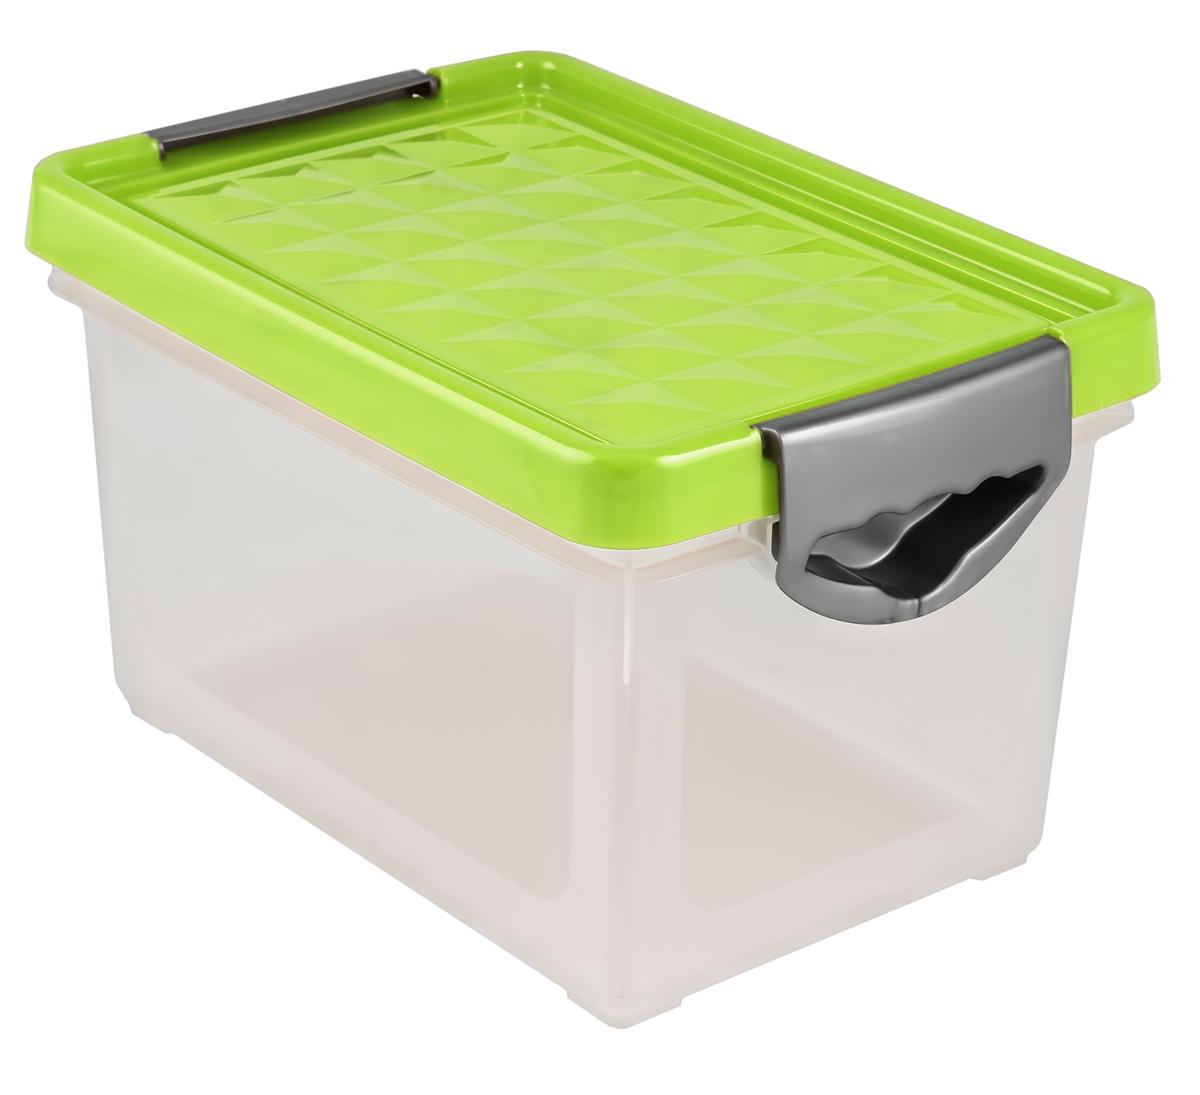 Ящик для хранения BranQ Systema, на колесиках, цвет: зеленый, прозрачный, 48 лBQ1003ЗЛПРУниверсальный ящик для хранения BranQ Systema, выполненный из прочного пластика, поможет правильно организовать пространство в доме и сэкономить место. В нем можно хранить все, что угодно: одежду, обувь, детские игрушки и многое другое. Прочный каркас ящика позволит хранить как легкие вещи, так и переносить собранный урожай овощей или фруктов. Изделие оснащено крышкой, которая защитит вещи от пыли, грязи и влаги. Эргономичные ручки-защелки, позволяют переносить ящик как с крышкой, так и без нее.